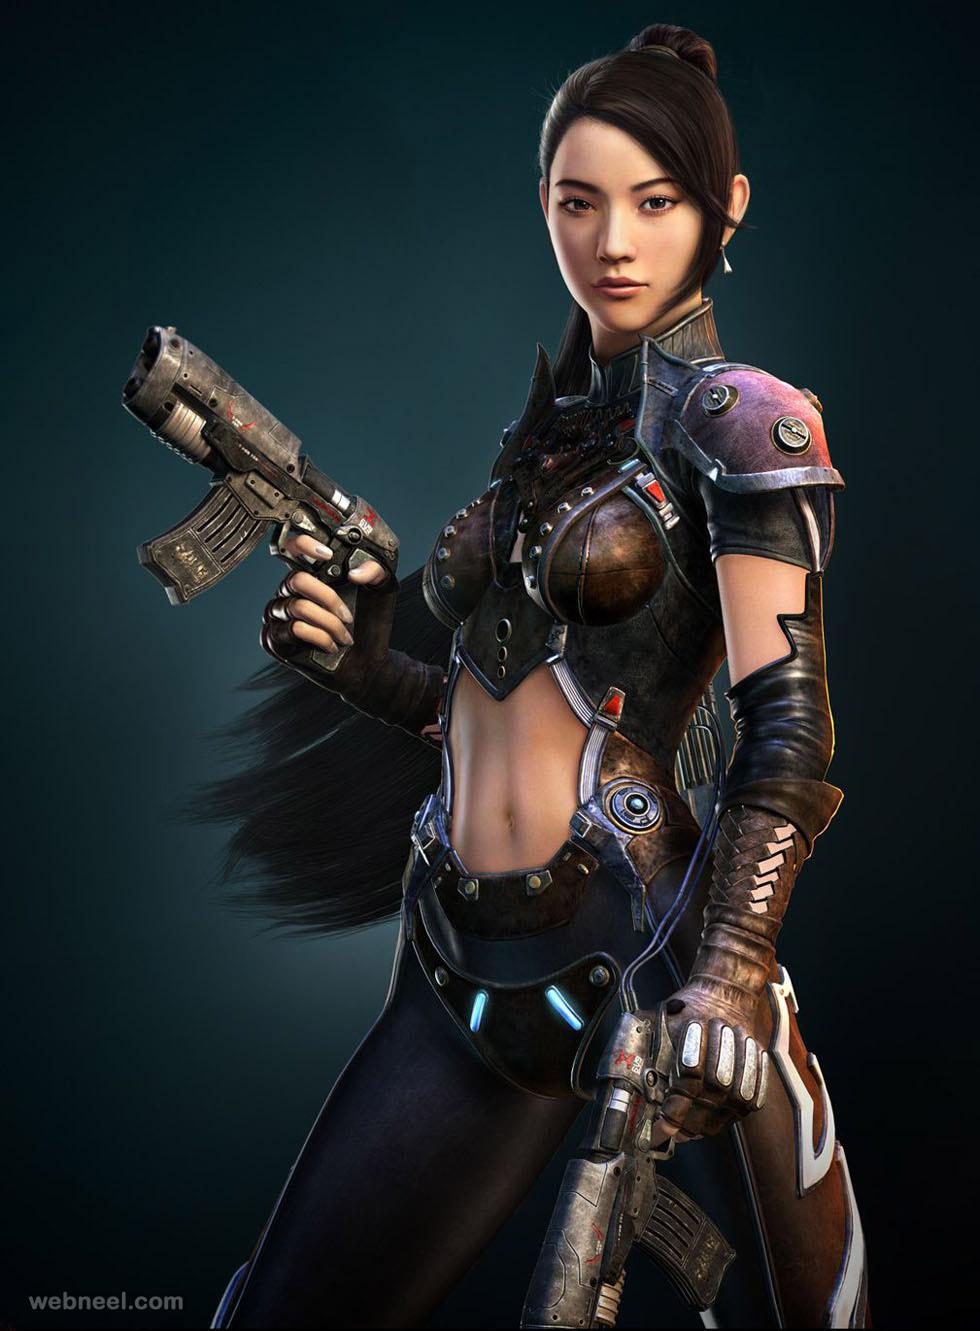 girl gun 3d model by seokchanyoo